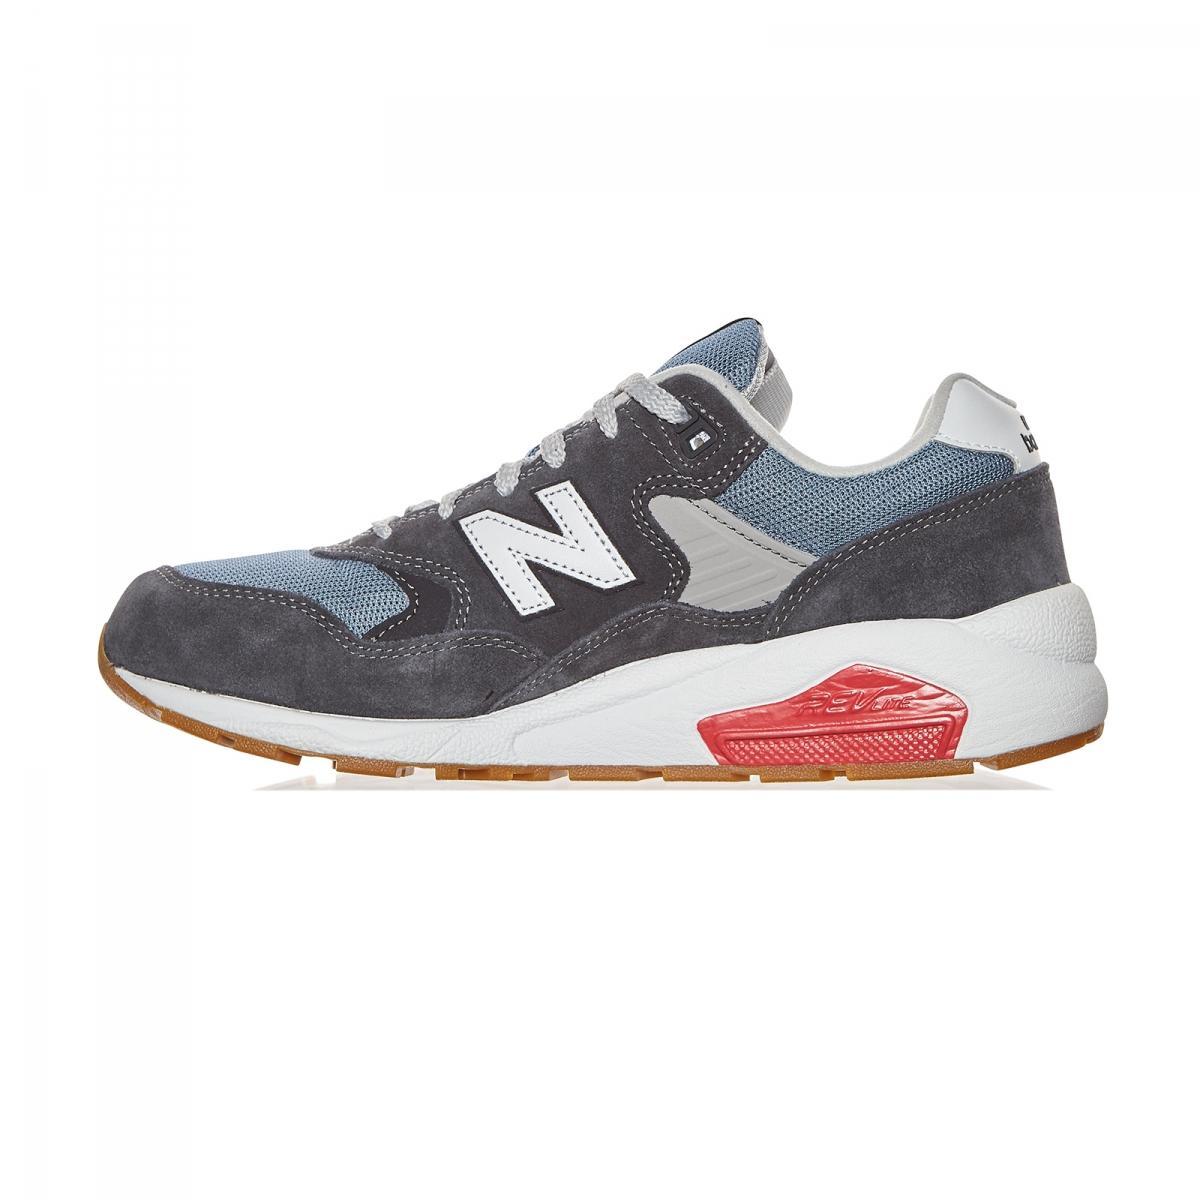 e0df27fec314 Lyst - New Balance Mrt 580 Md Sneakers in Blue for Men